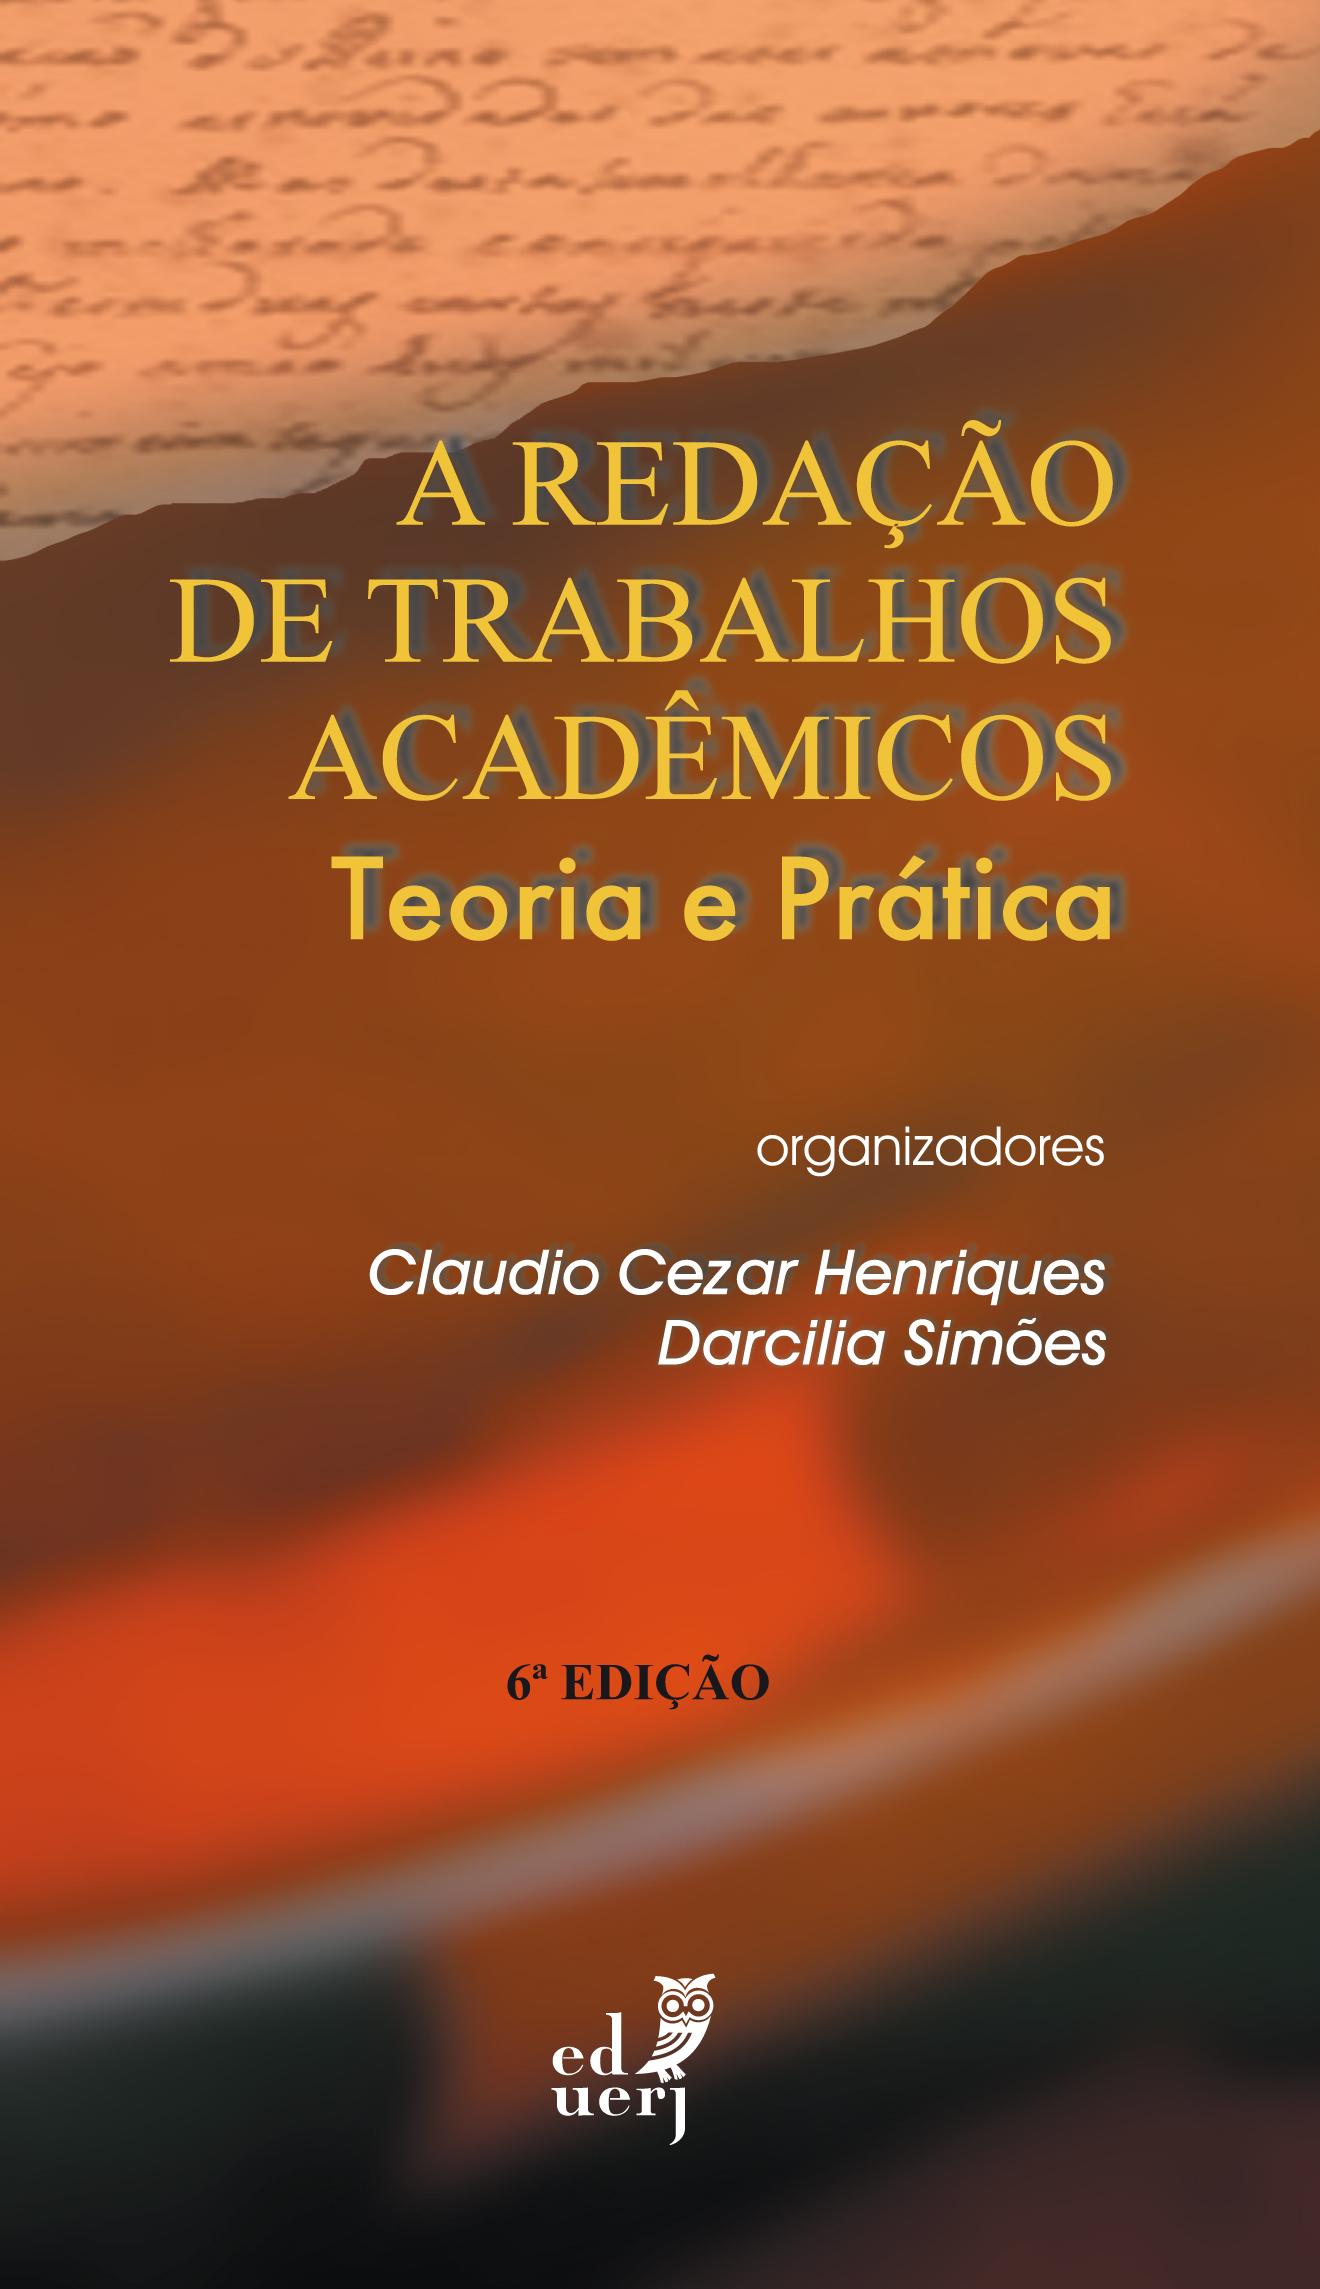 A Redação de Trabalhos Acadêmicos. Teoria e Prática, livro de Claudio Cezar Henriques